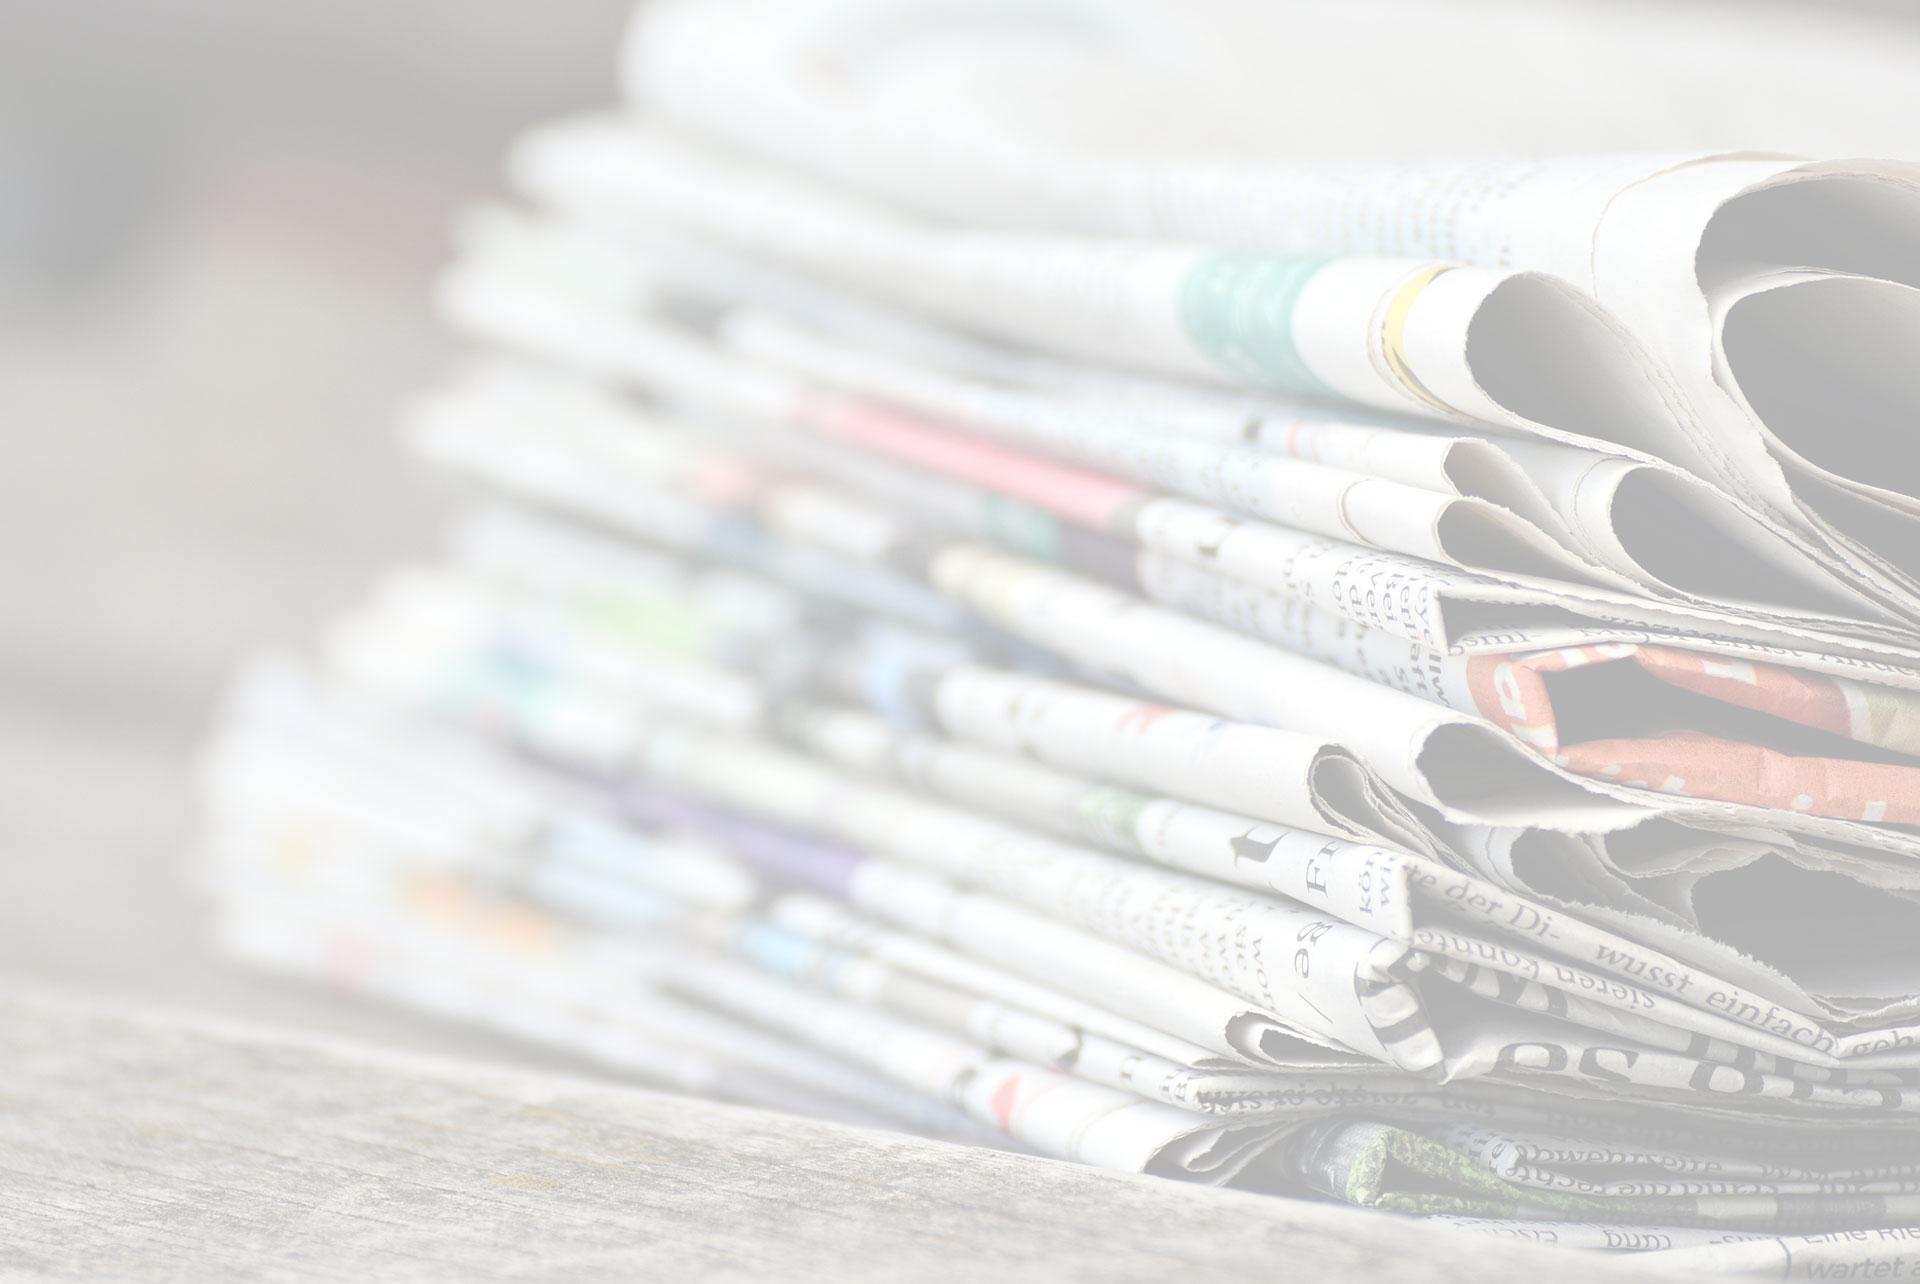 annullamento viaggio per calamità naturali